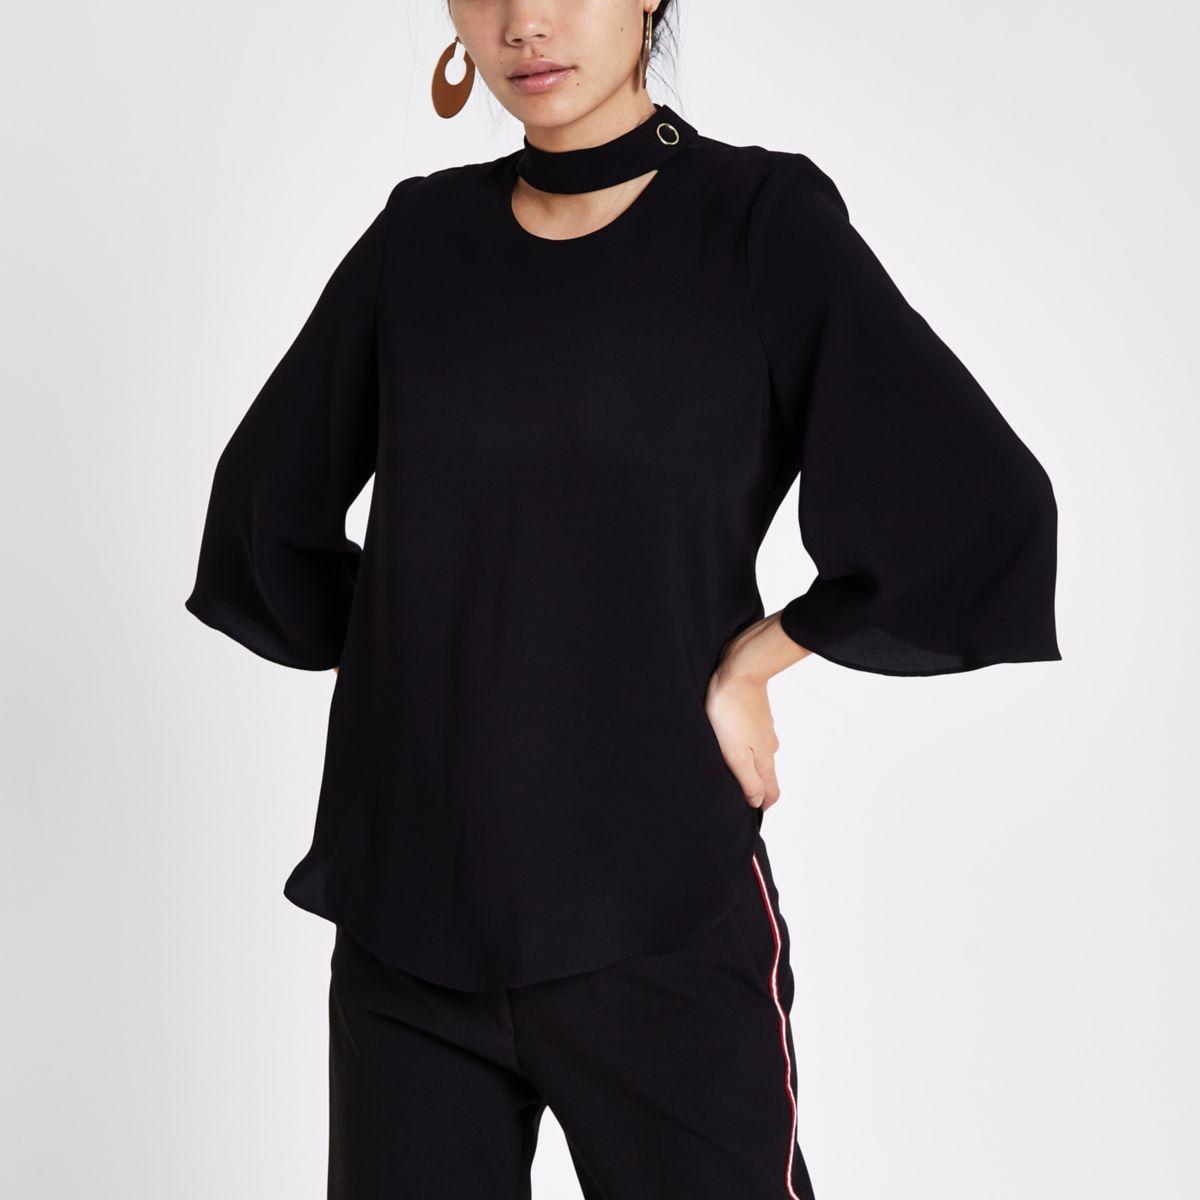 Zwarte blouse met knoop bij de hals